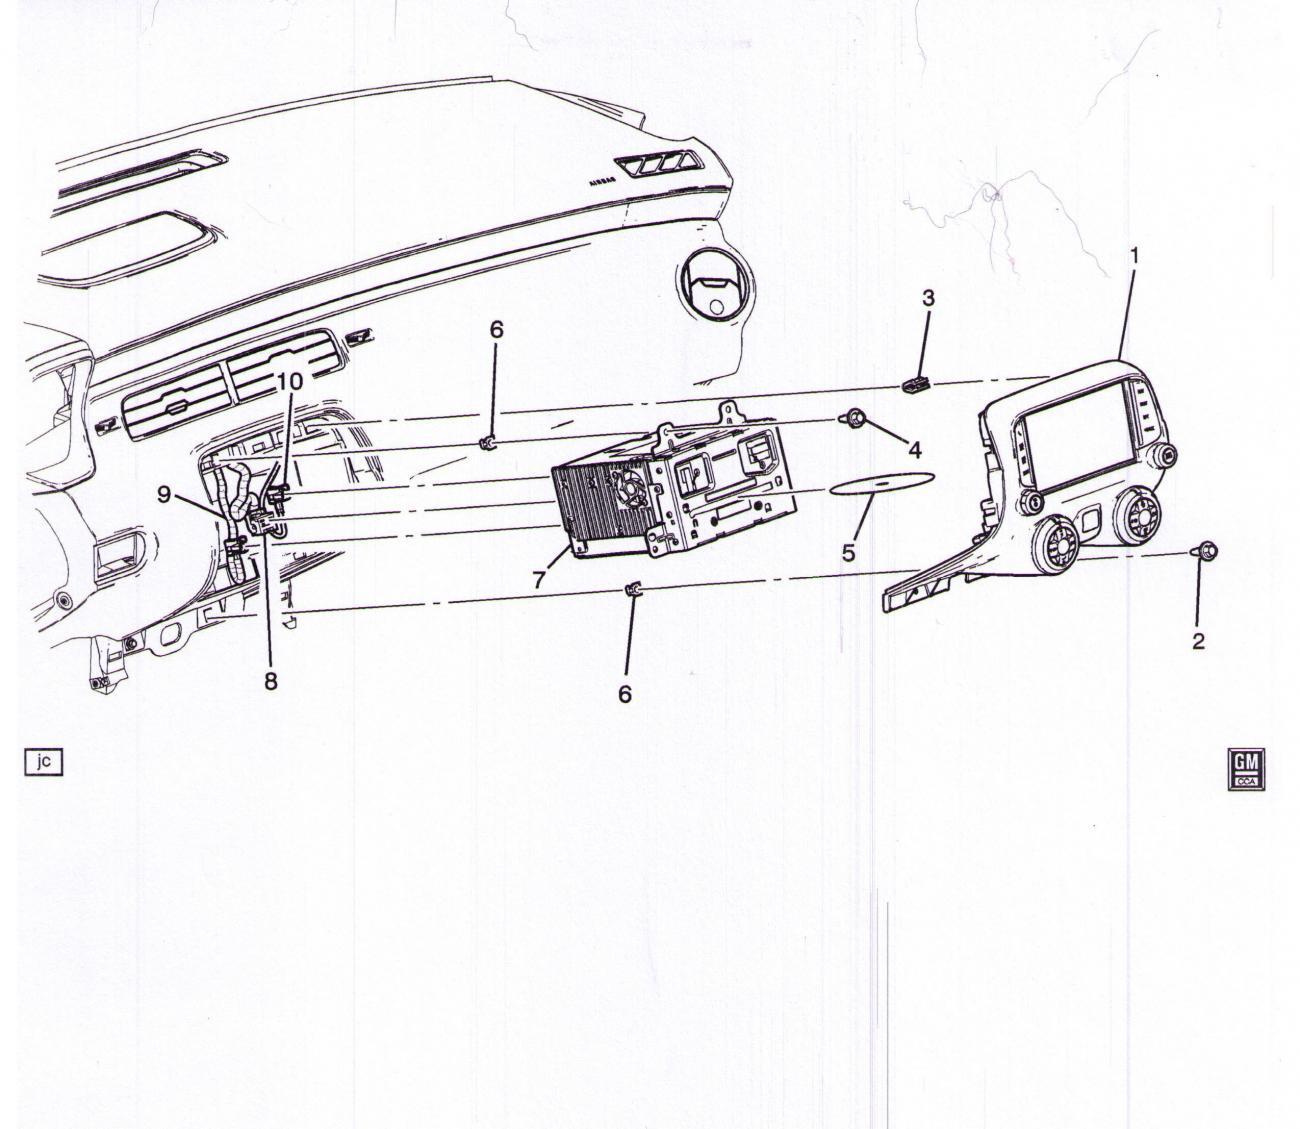 2013 camaro wire harness 2013 auto wiring diagram database 2013 chevy camaro stereo wiring diagram jodebal com on 2013 camaro wire harness